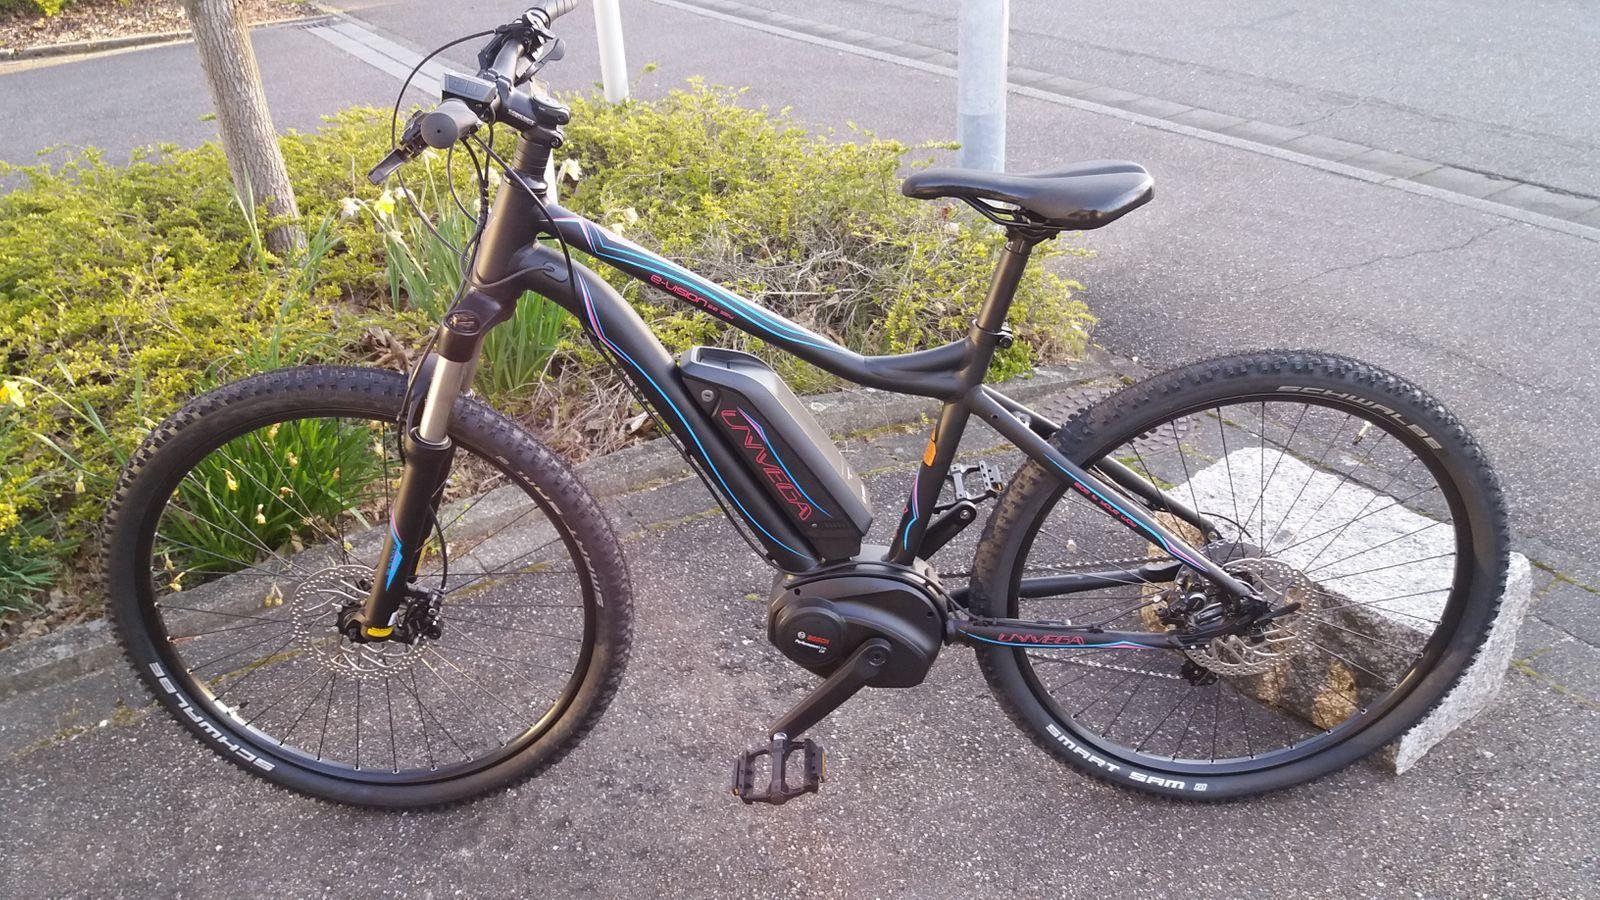 Gebrauchten E-Bikes